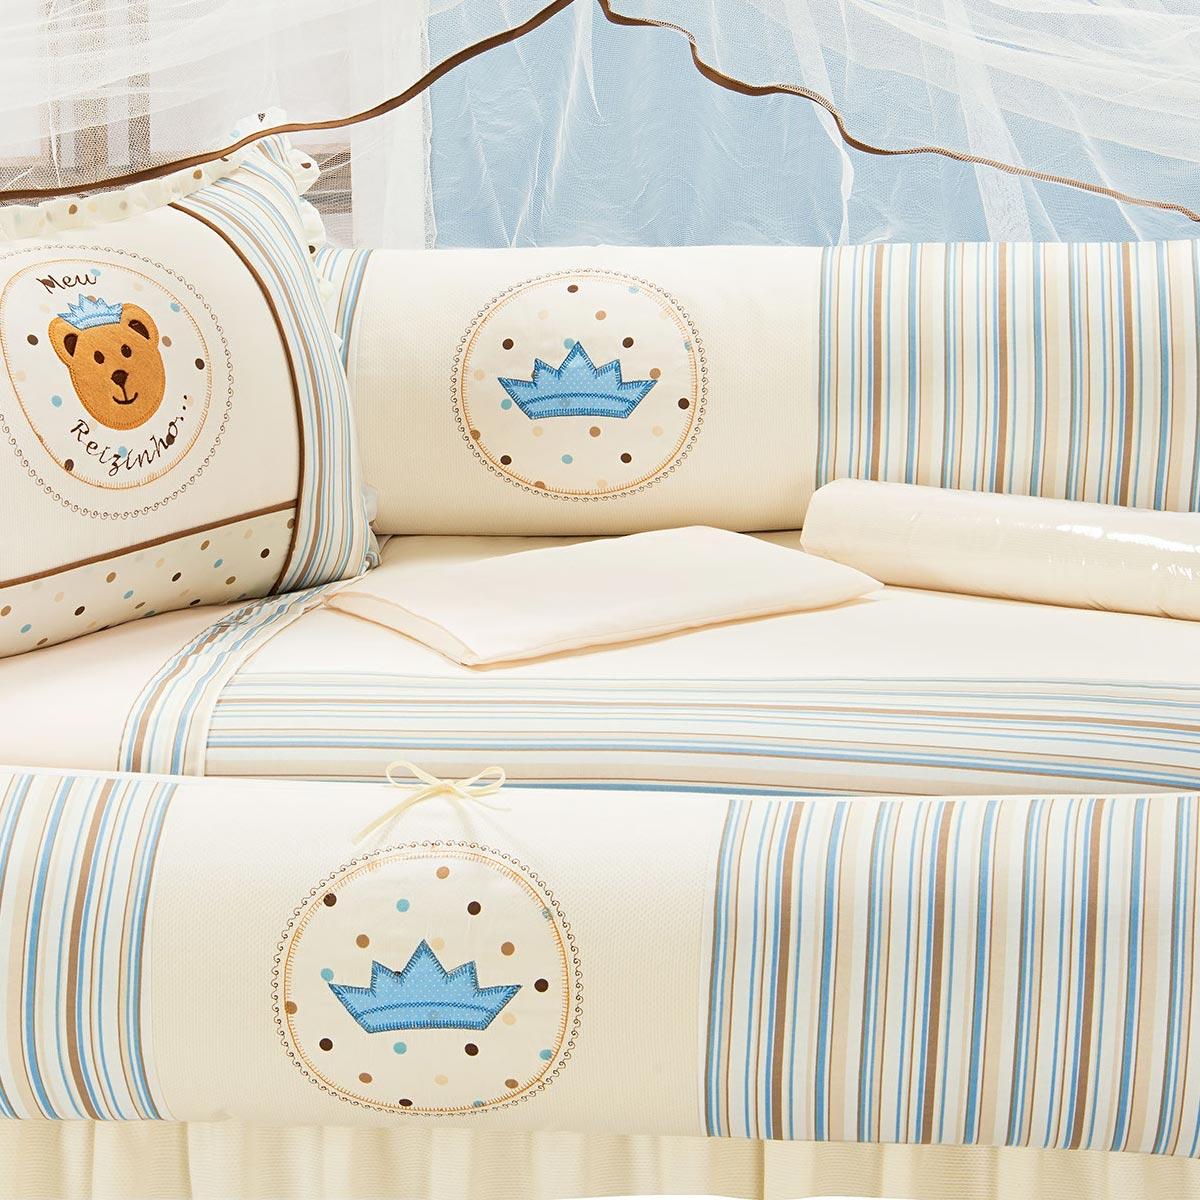 Kit Enxoval / Berço Bebê Reizinho Urso Palha com Listras Azuis com 9 peças Algodão